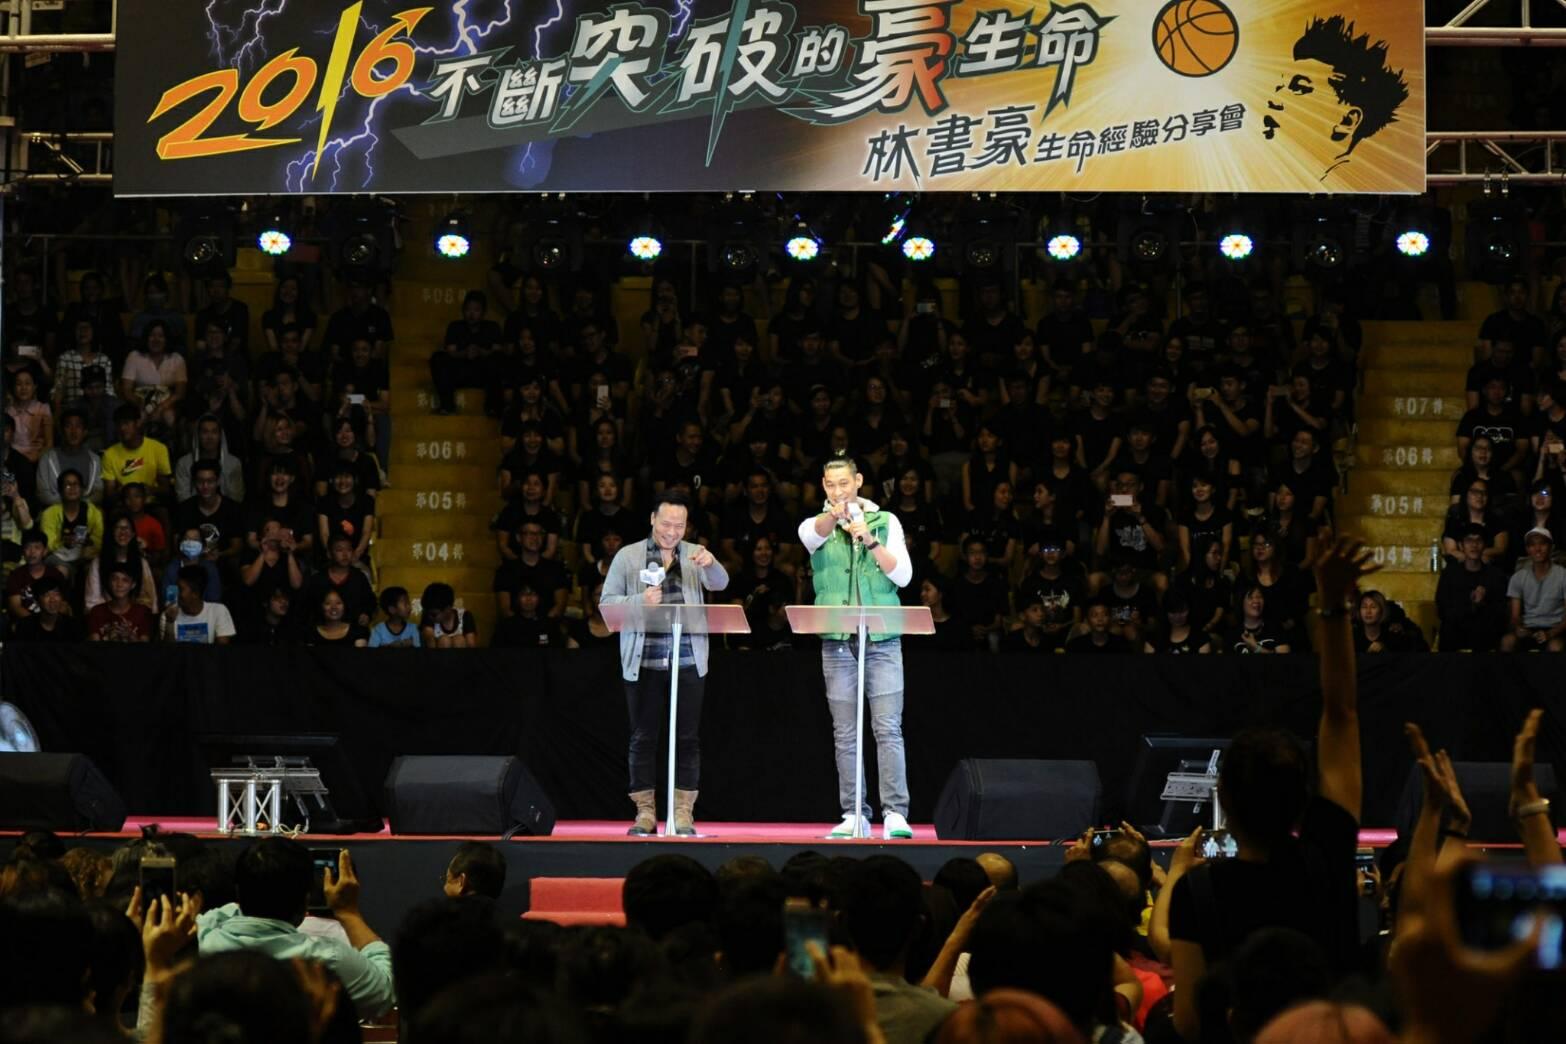 林書豪(右)透過翻譯(左)與現場民眾分享生命經驗